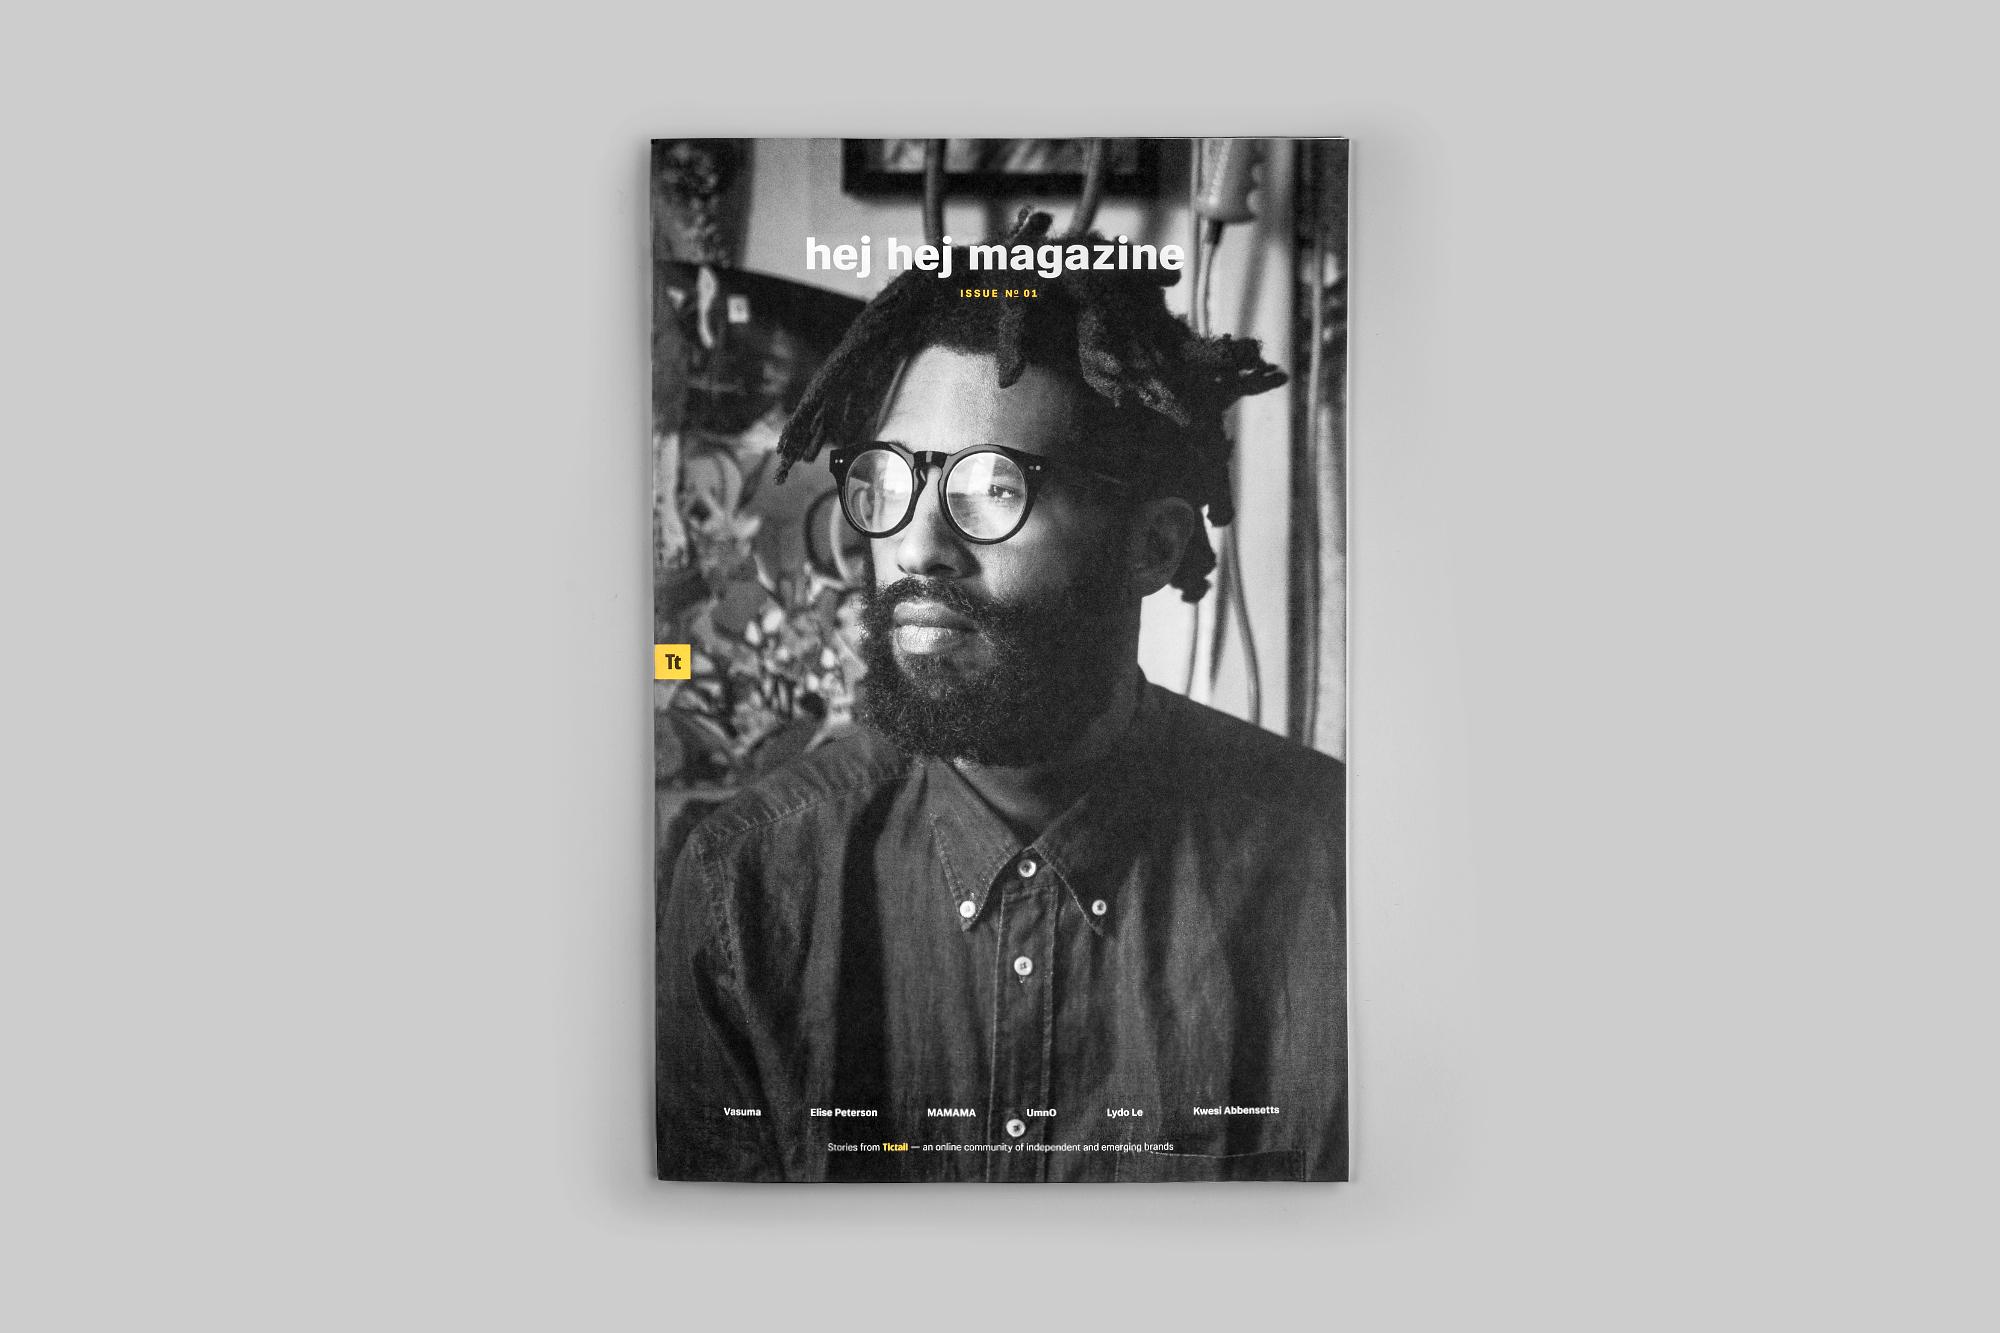 Tictail_Hejhej_Magazine_0000_Cover-03.jpg